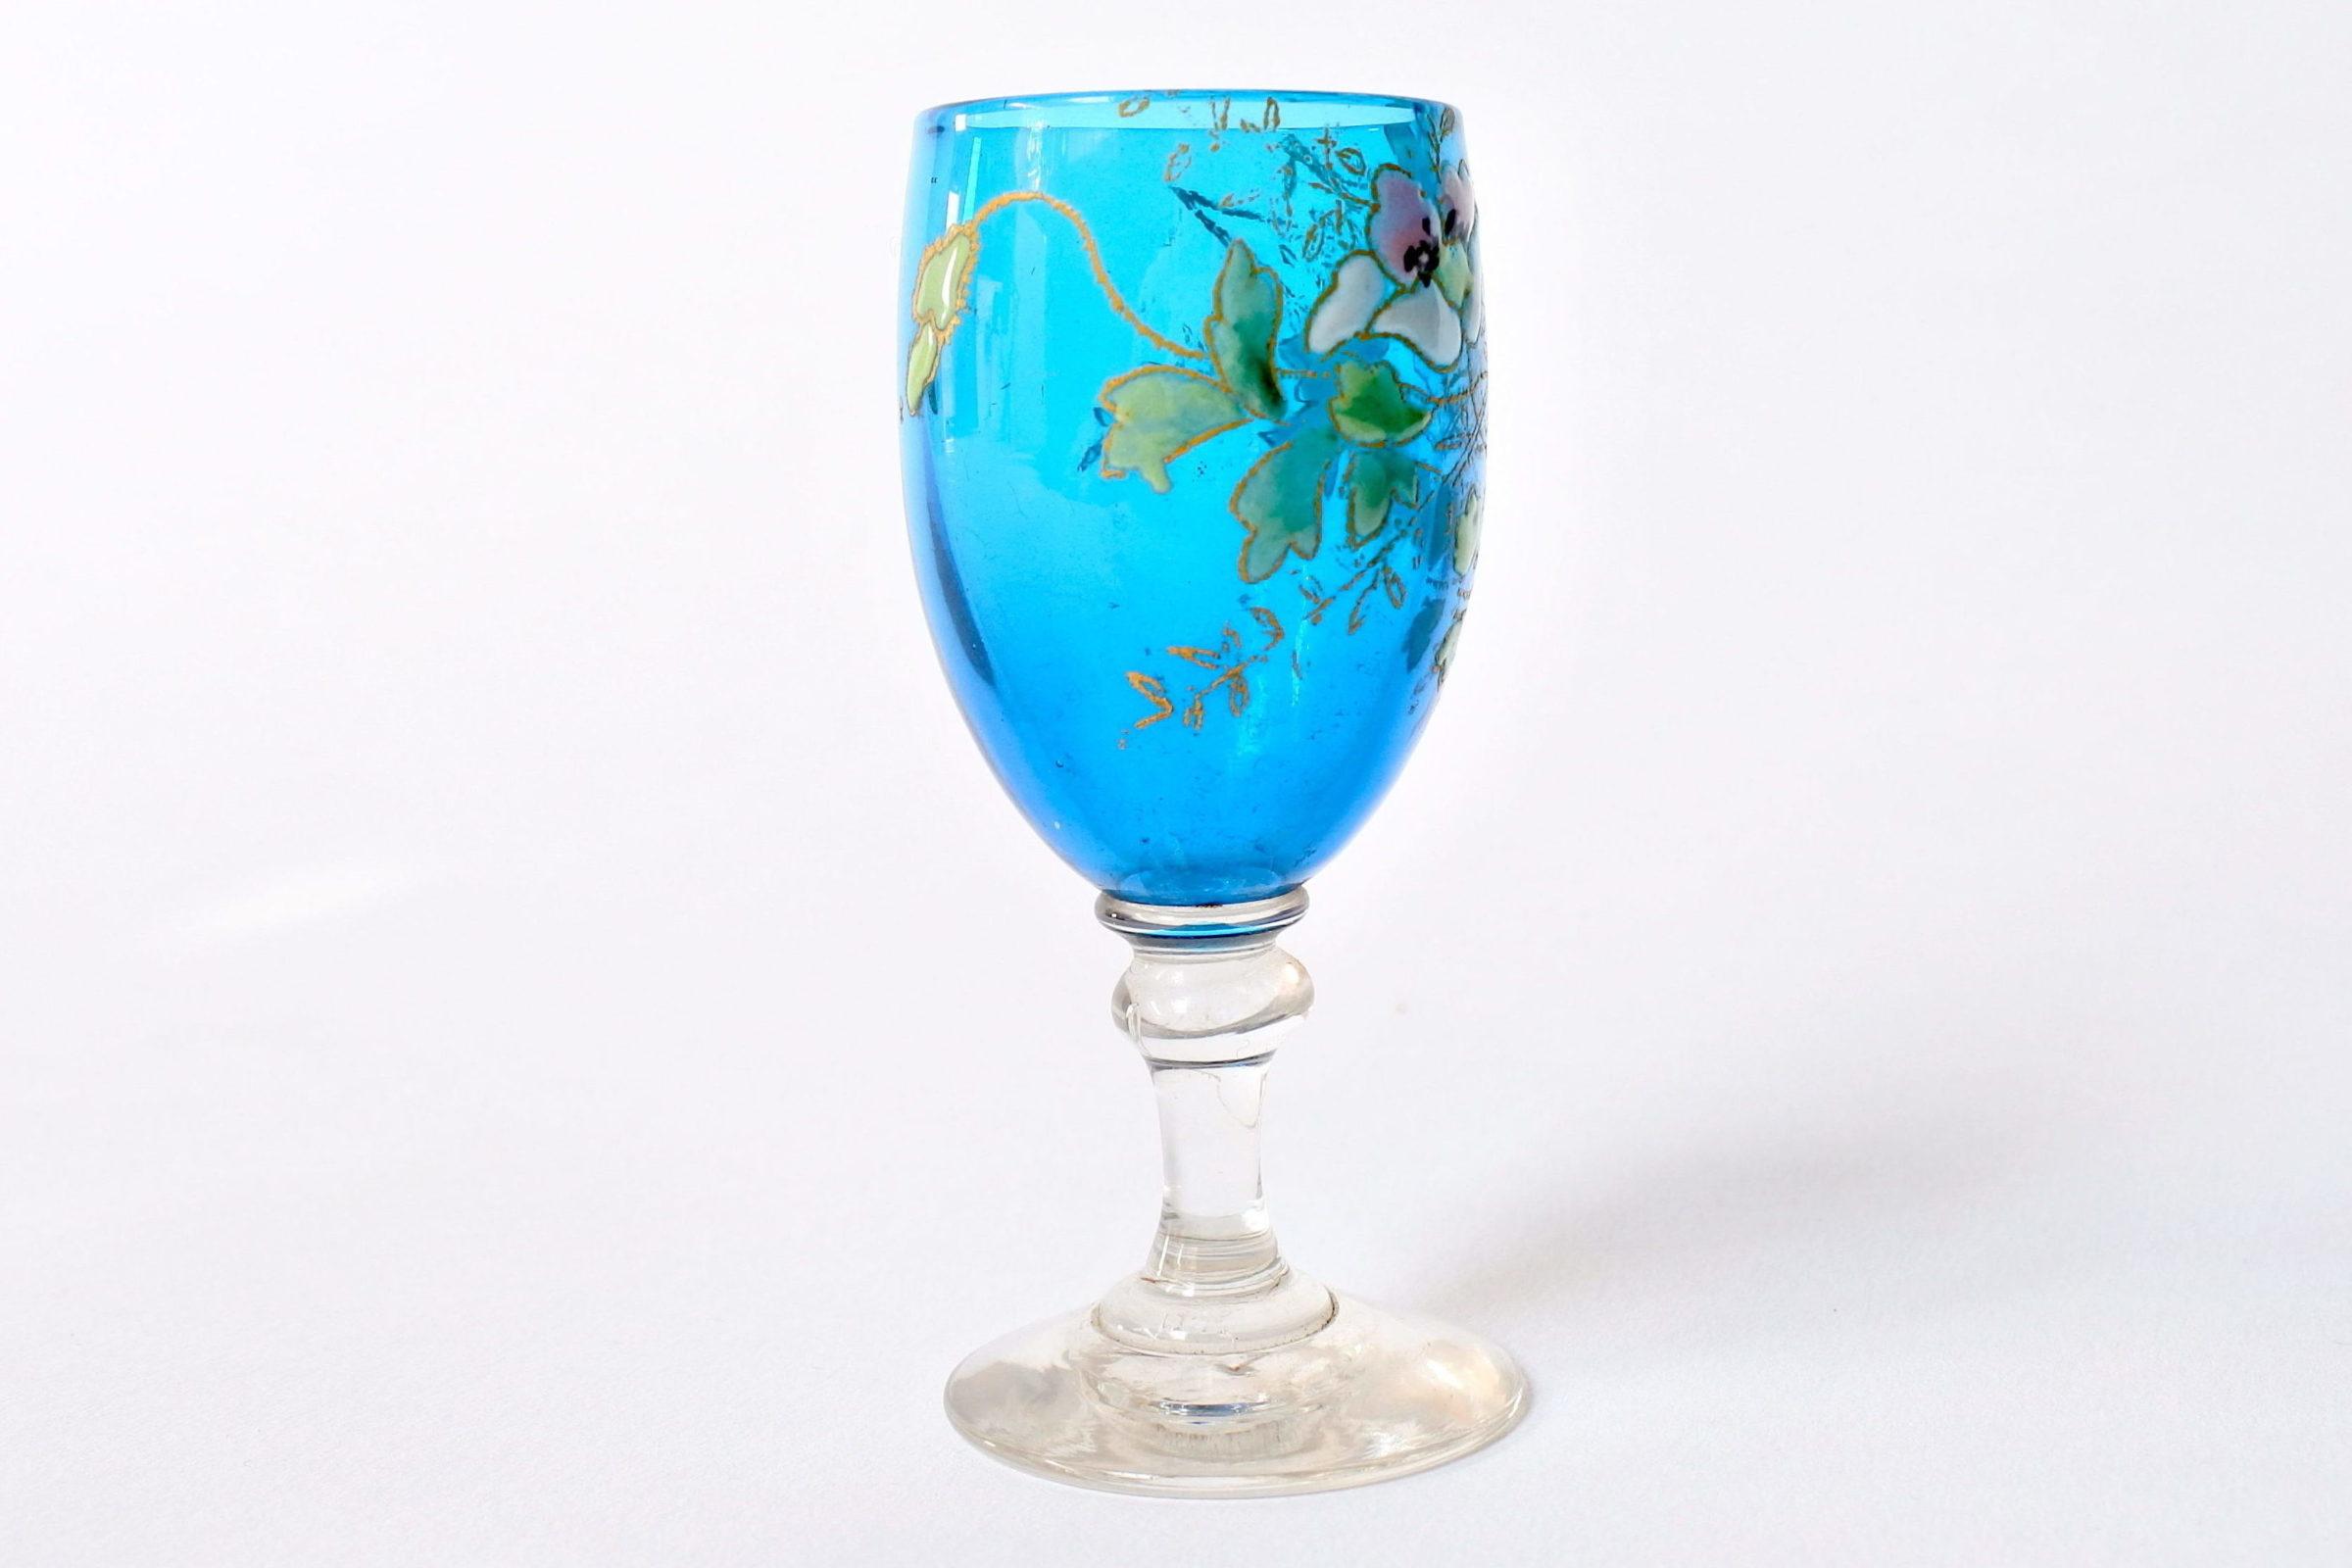 6 bicchierini Legras a calice in vetro soffiato con rami di fiori smaltati - 4